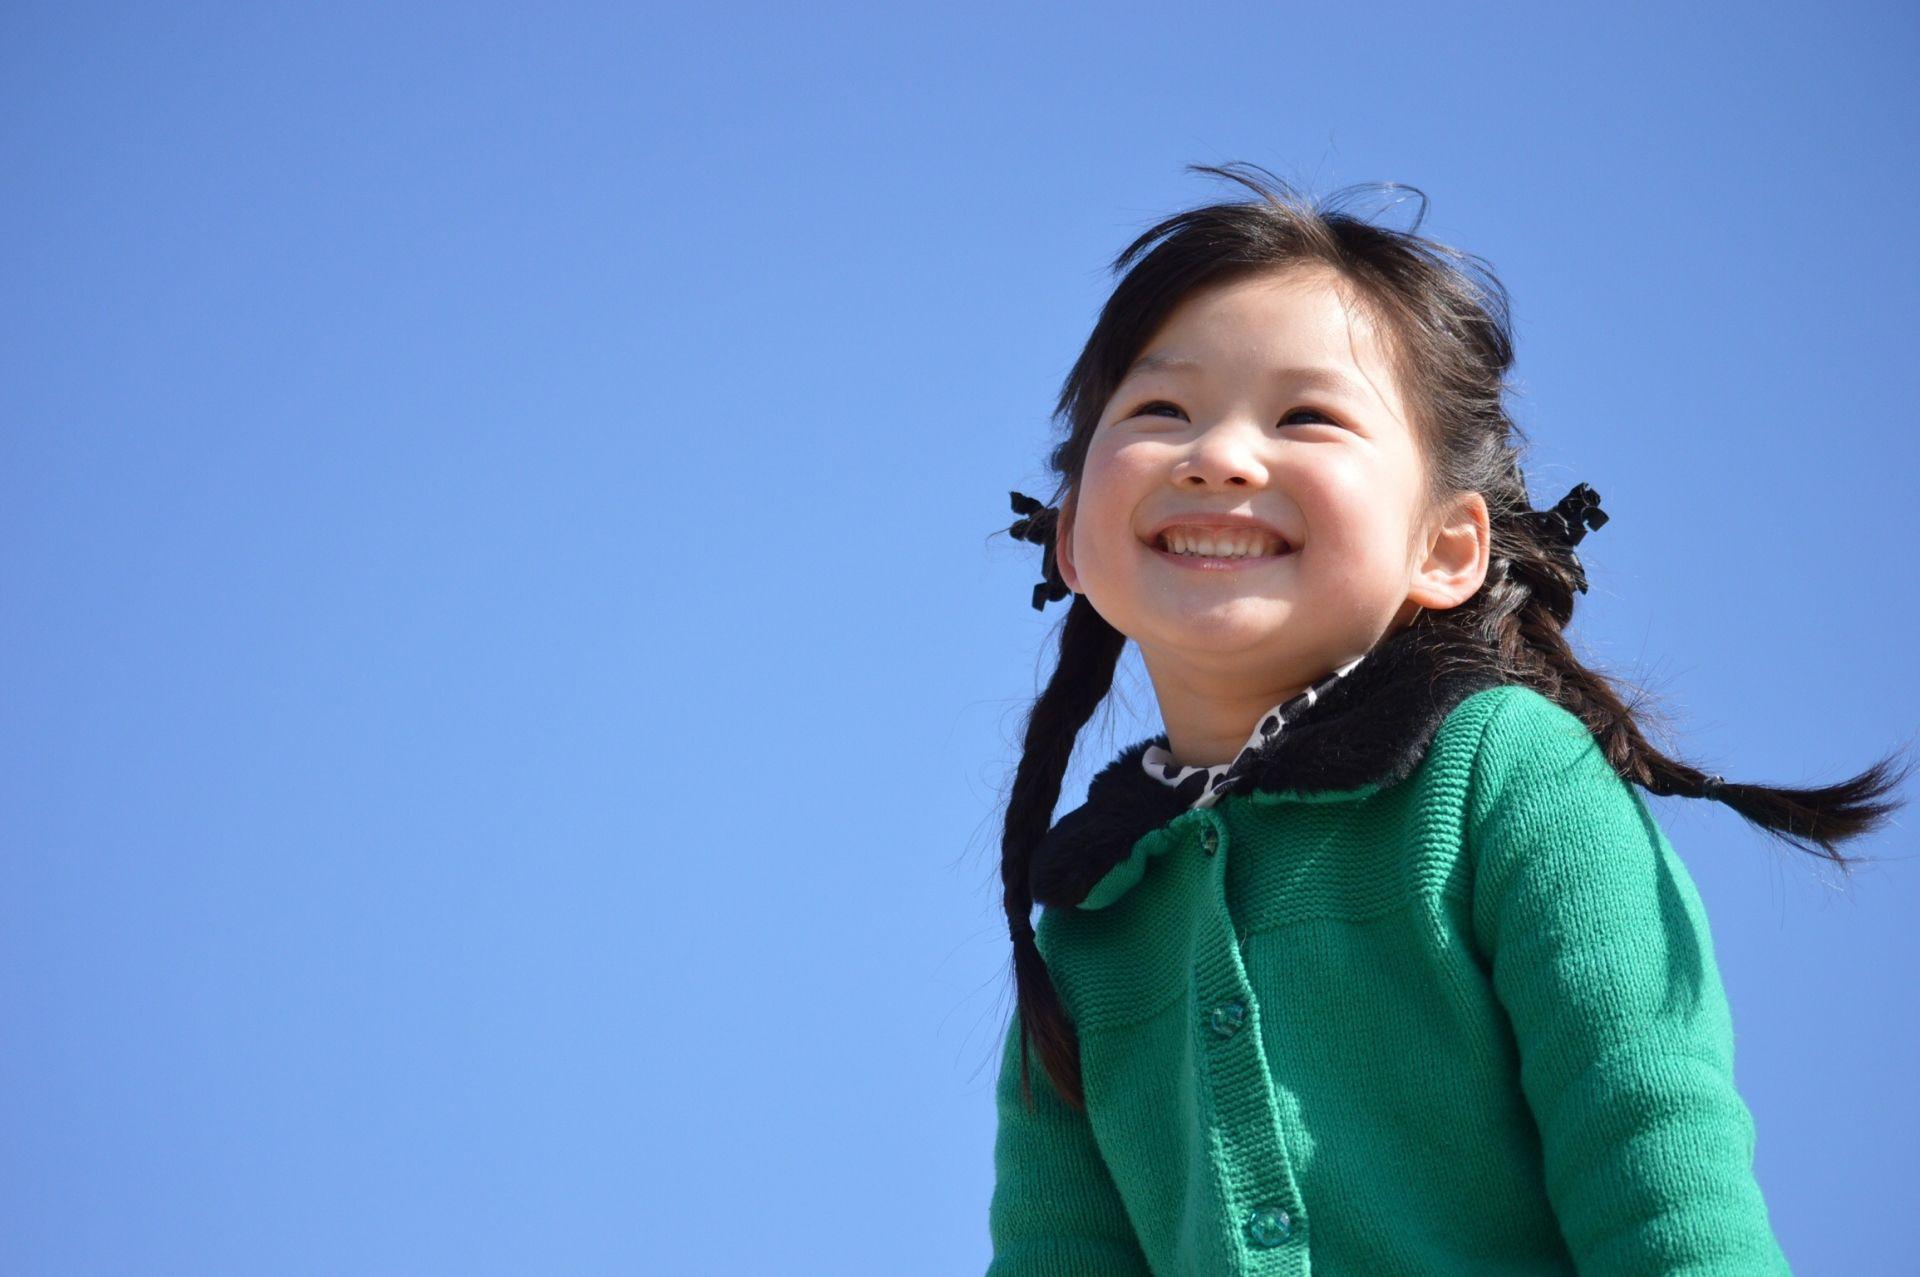 満面の笑みを浮かべる女の子